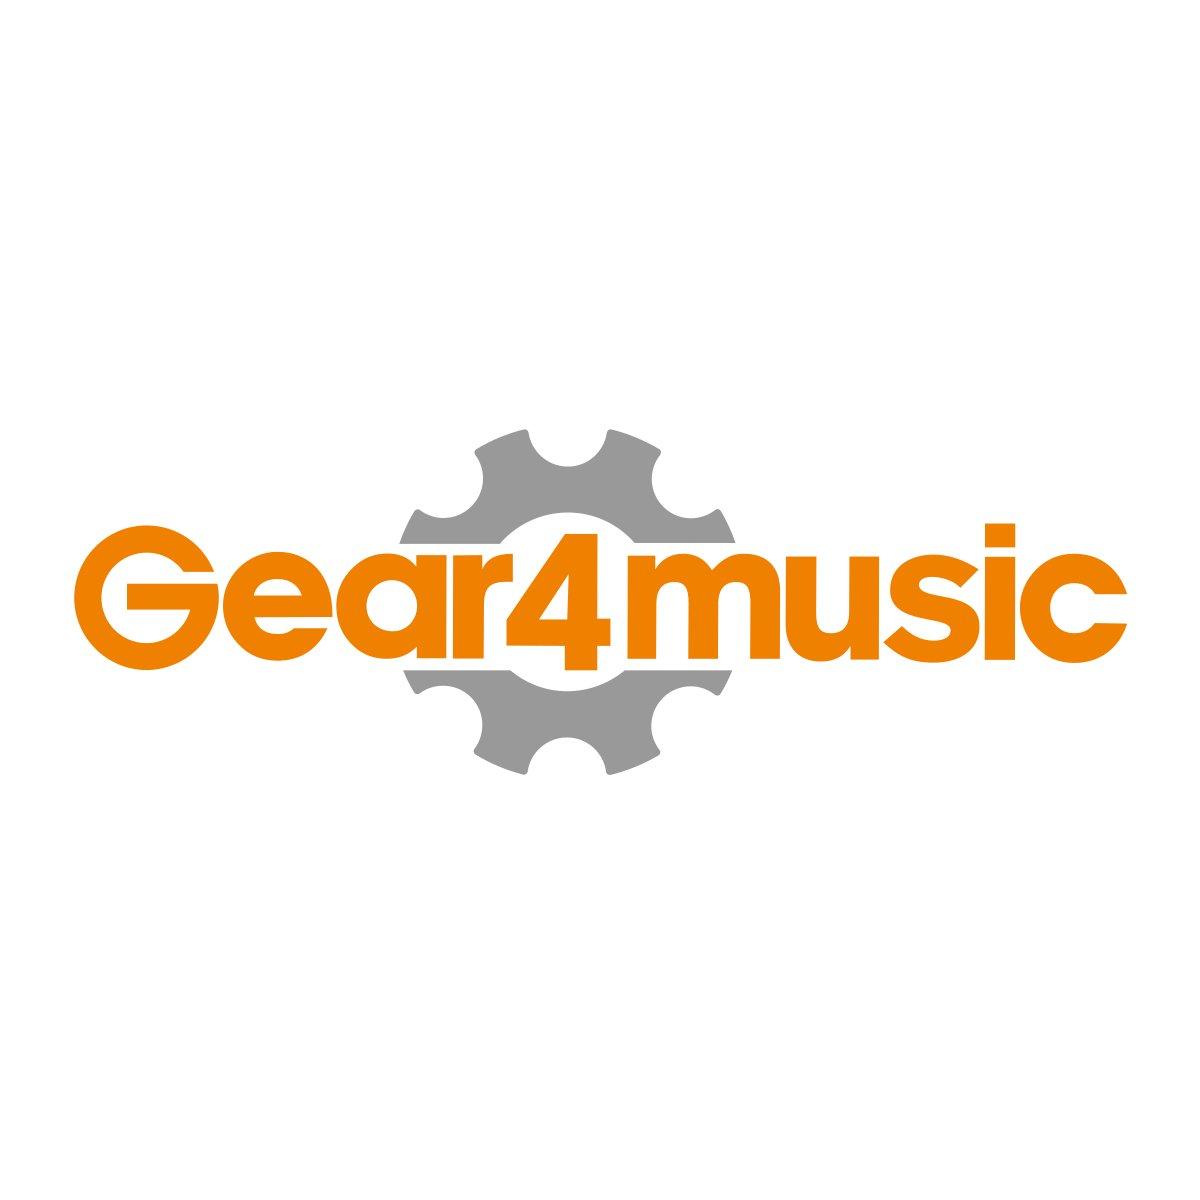 Bass Guitar Types Gear4music